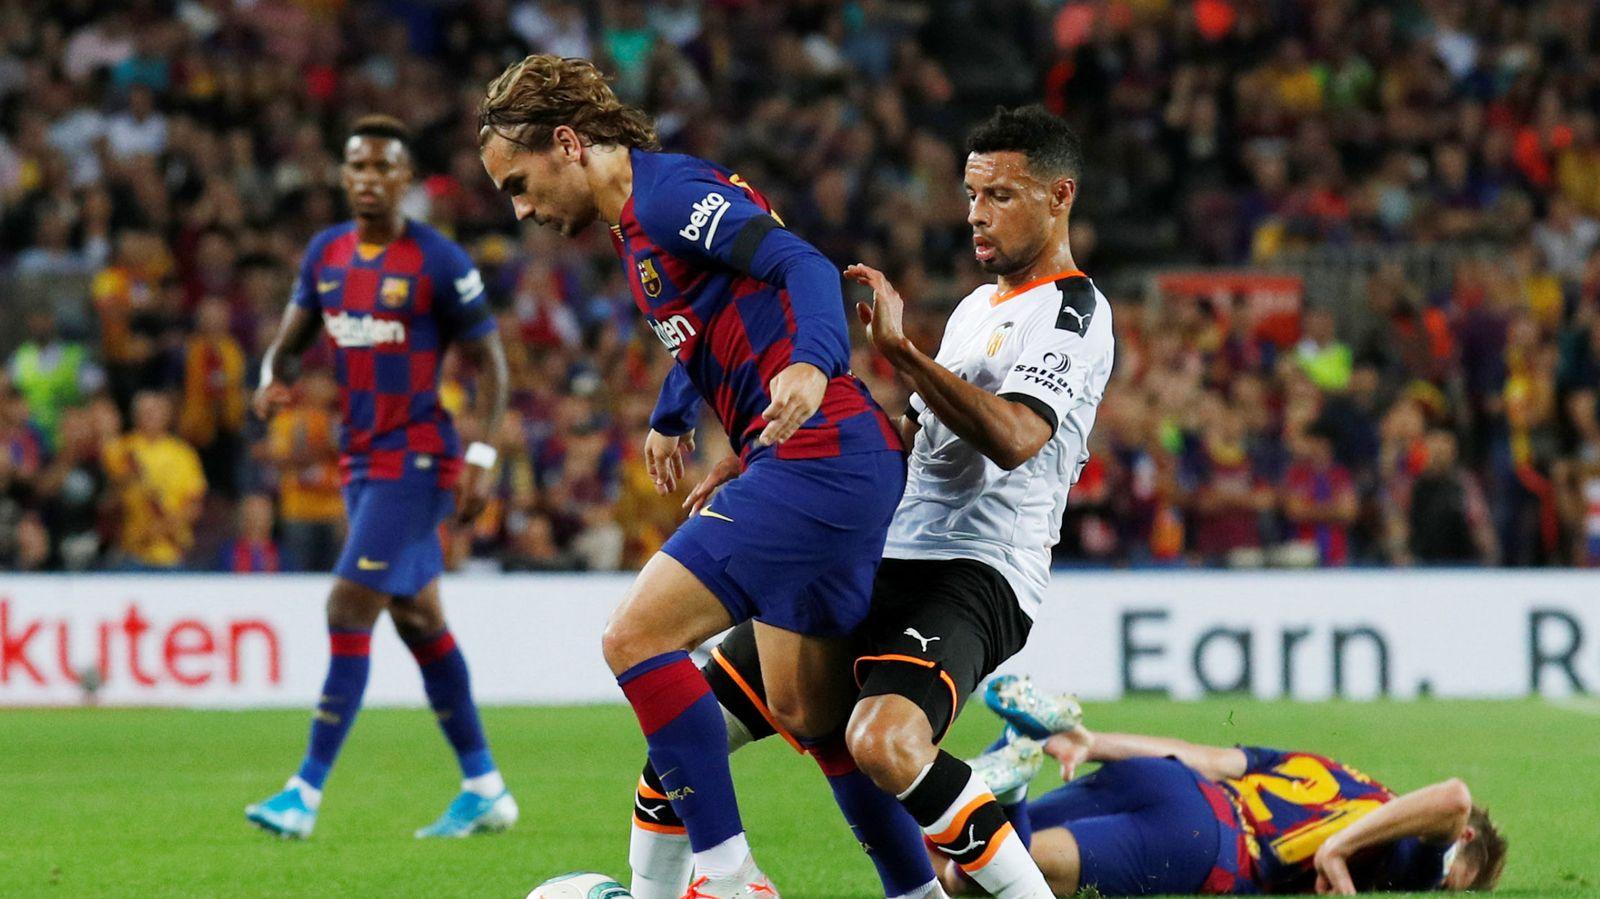 Foto: La liga santander - fc barcelona v valencia